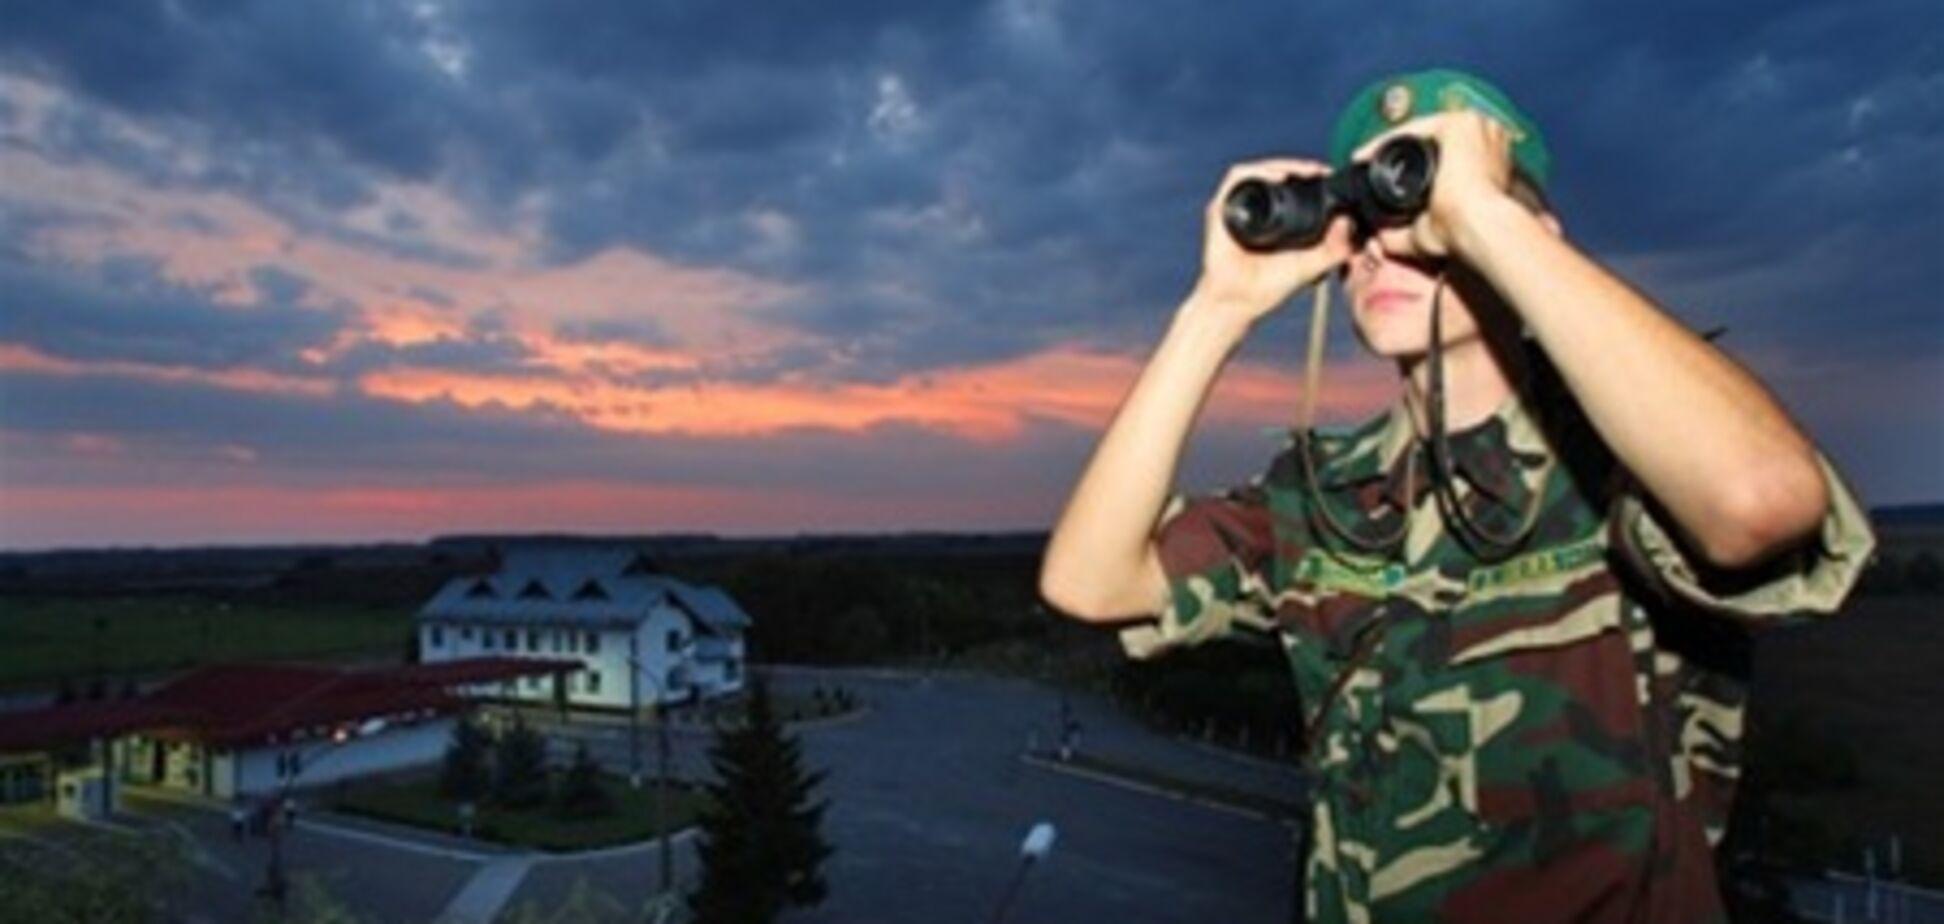 Все більше грузин-нелегалів намагаються перетнути кордон України